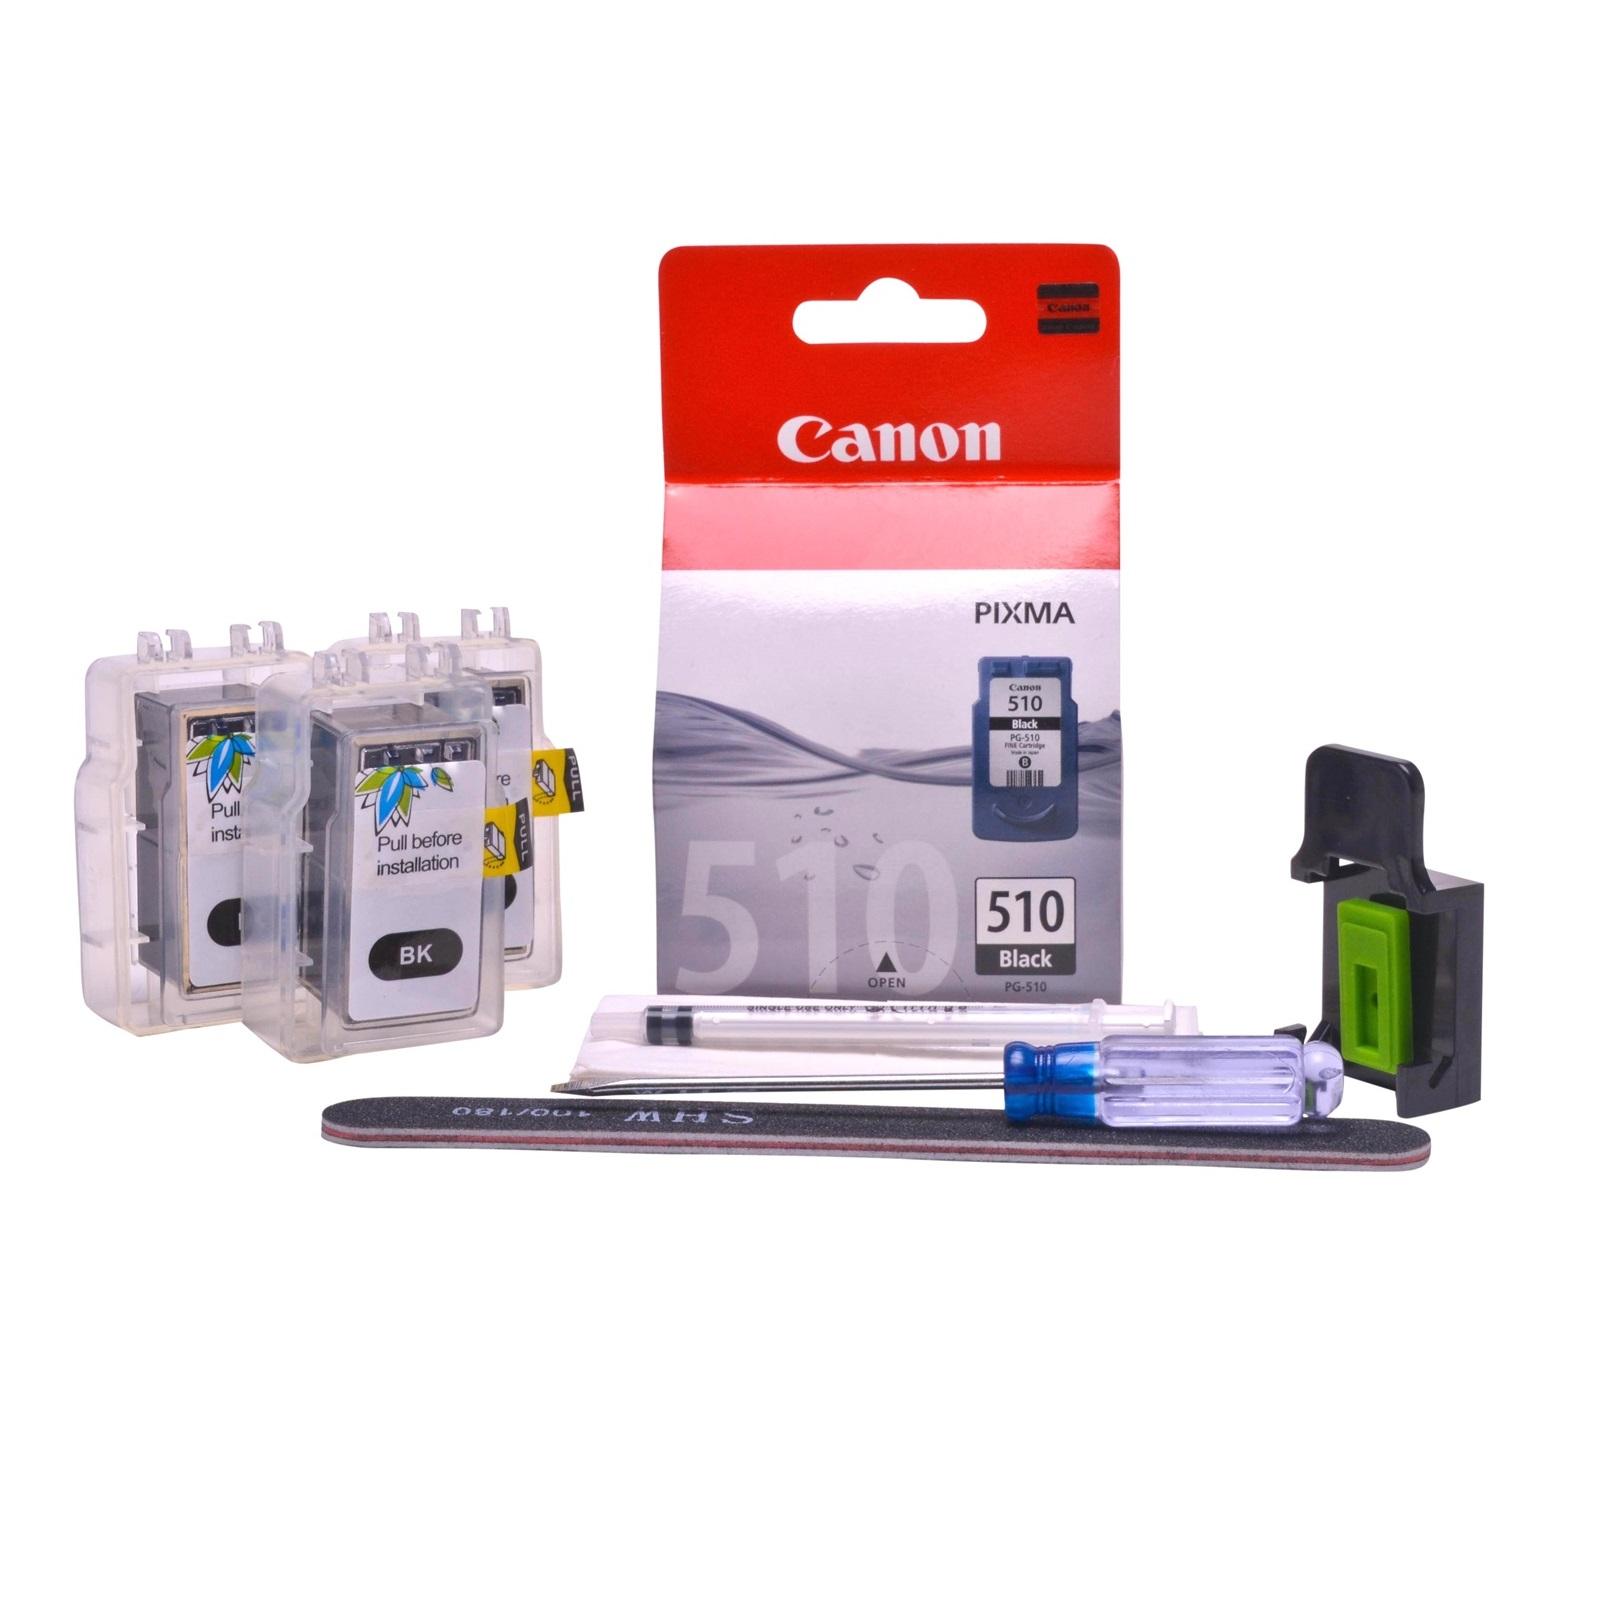 Refillable pigment Cheap printer cartridges for Canon Pixma MP492 PG-510 PG-512 Pigment Black